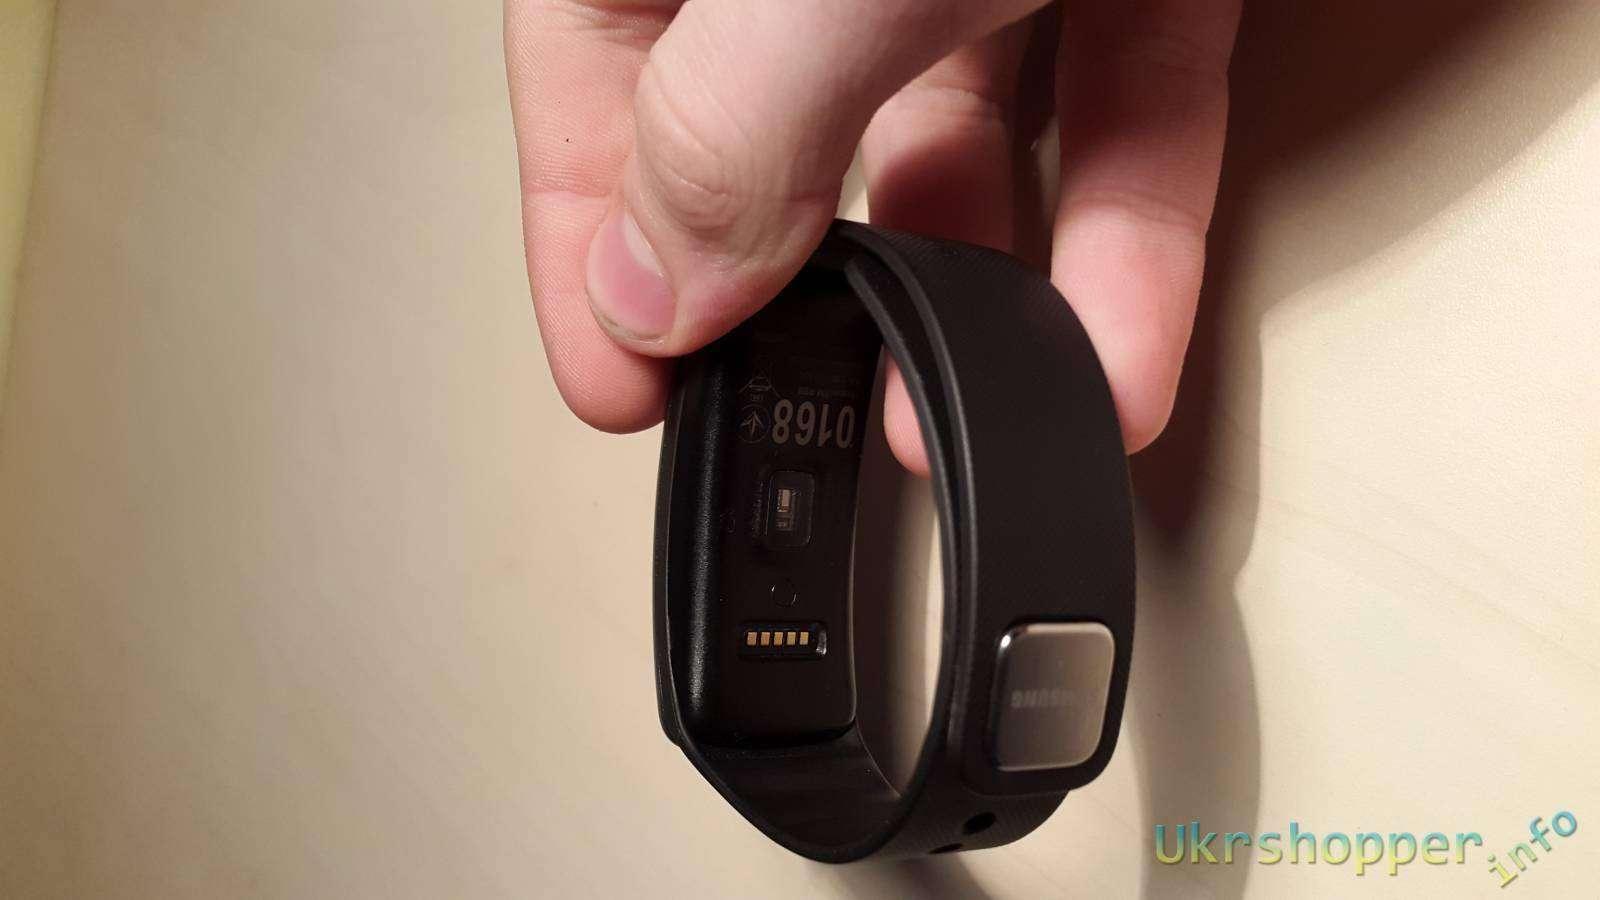 Розетка: Samsung galaxy gear fit Умный браслет